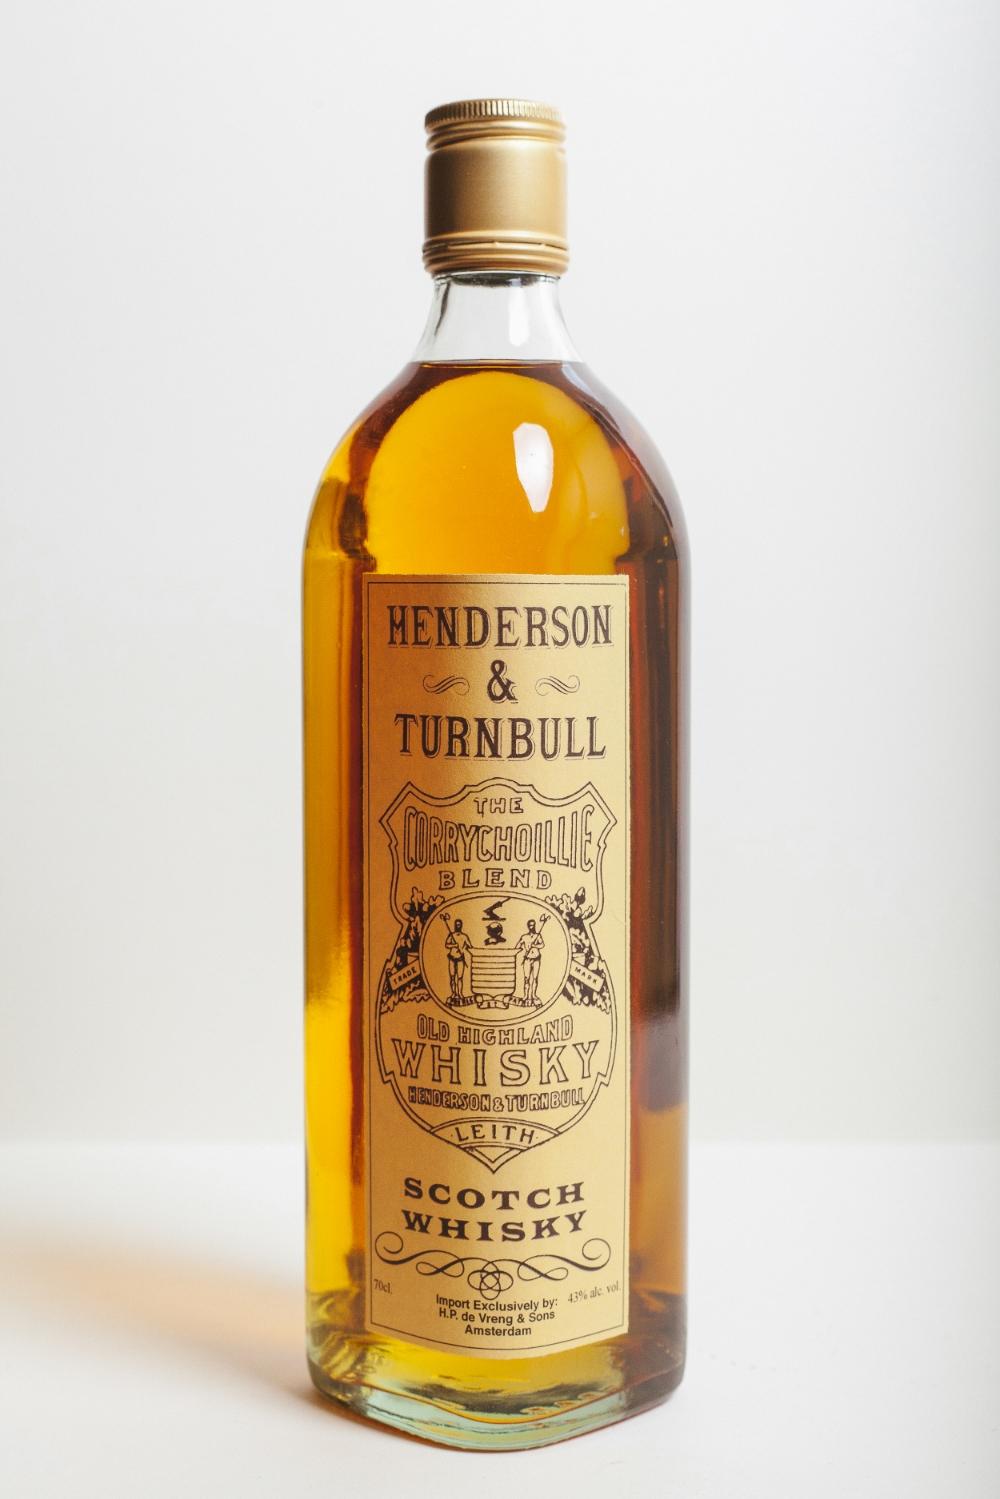 SCOTCH BLENDED WHISKY  Henderson & Turnbull Een ouderwetse blended whisky met een mooi aroma en een zachte afdronk. Gebottled op de klassieke sterkte van 43% vol. alc. De oorspronkelijke sterkte voor mooie Scotch.  700ml.  € 17,95